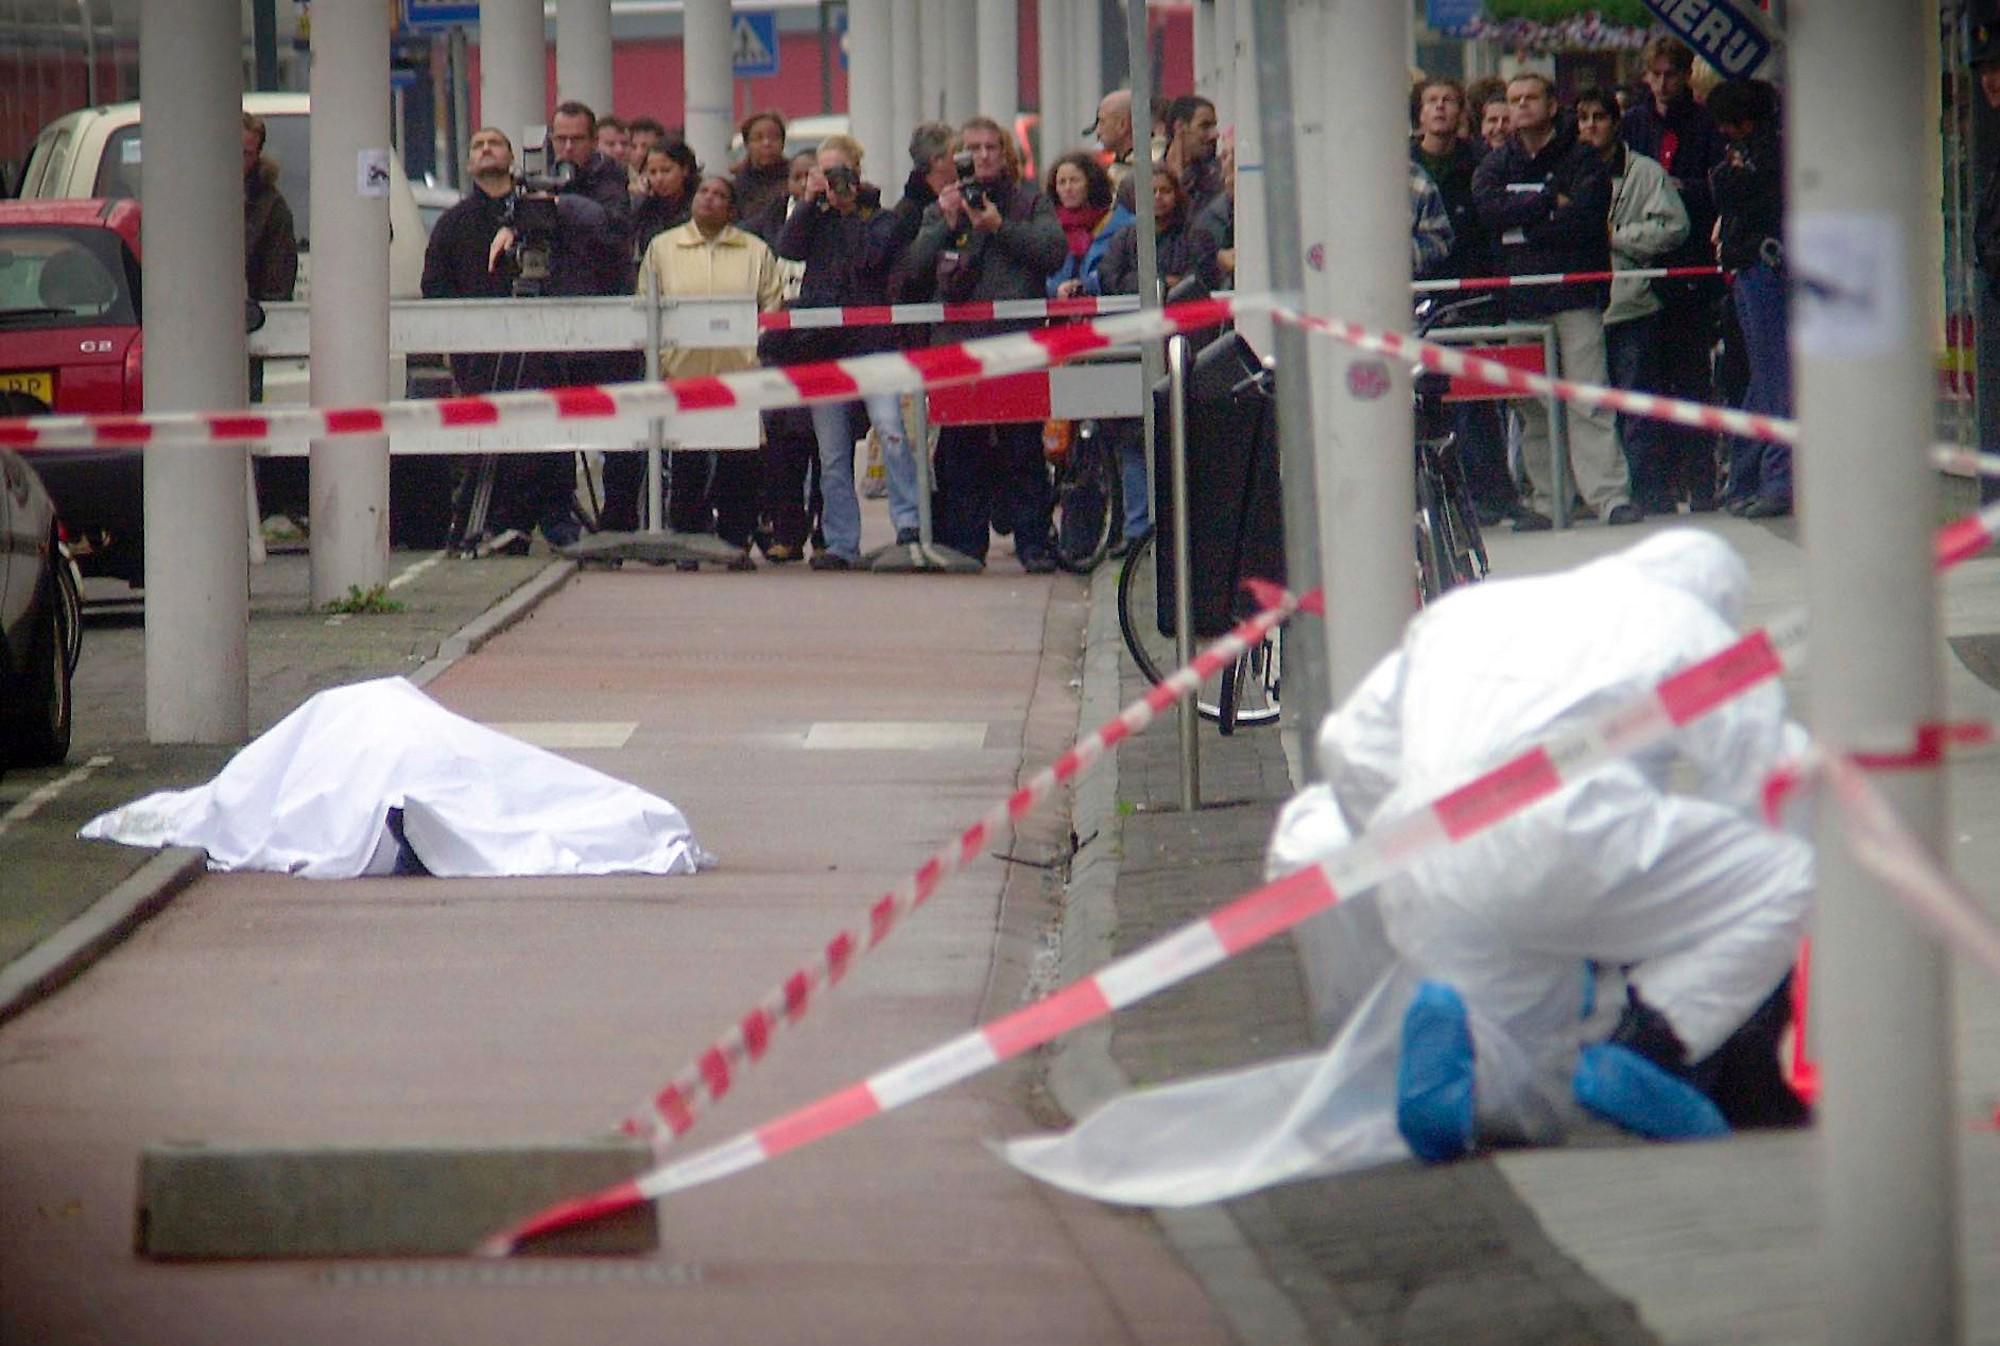 El cuerpo de Theo Van Gogh, asesinado por un fanático musulmán en Amsterdam.